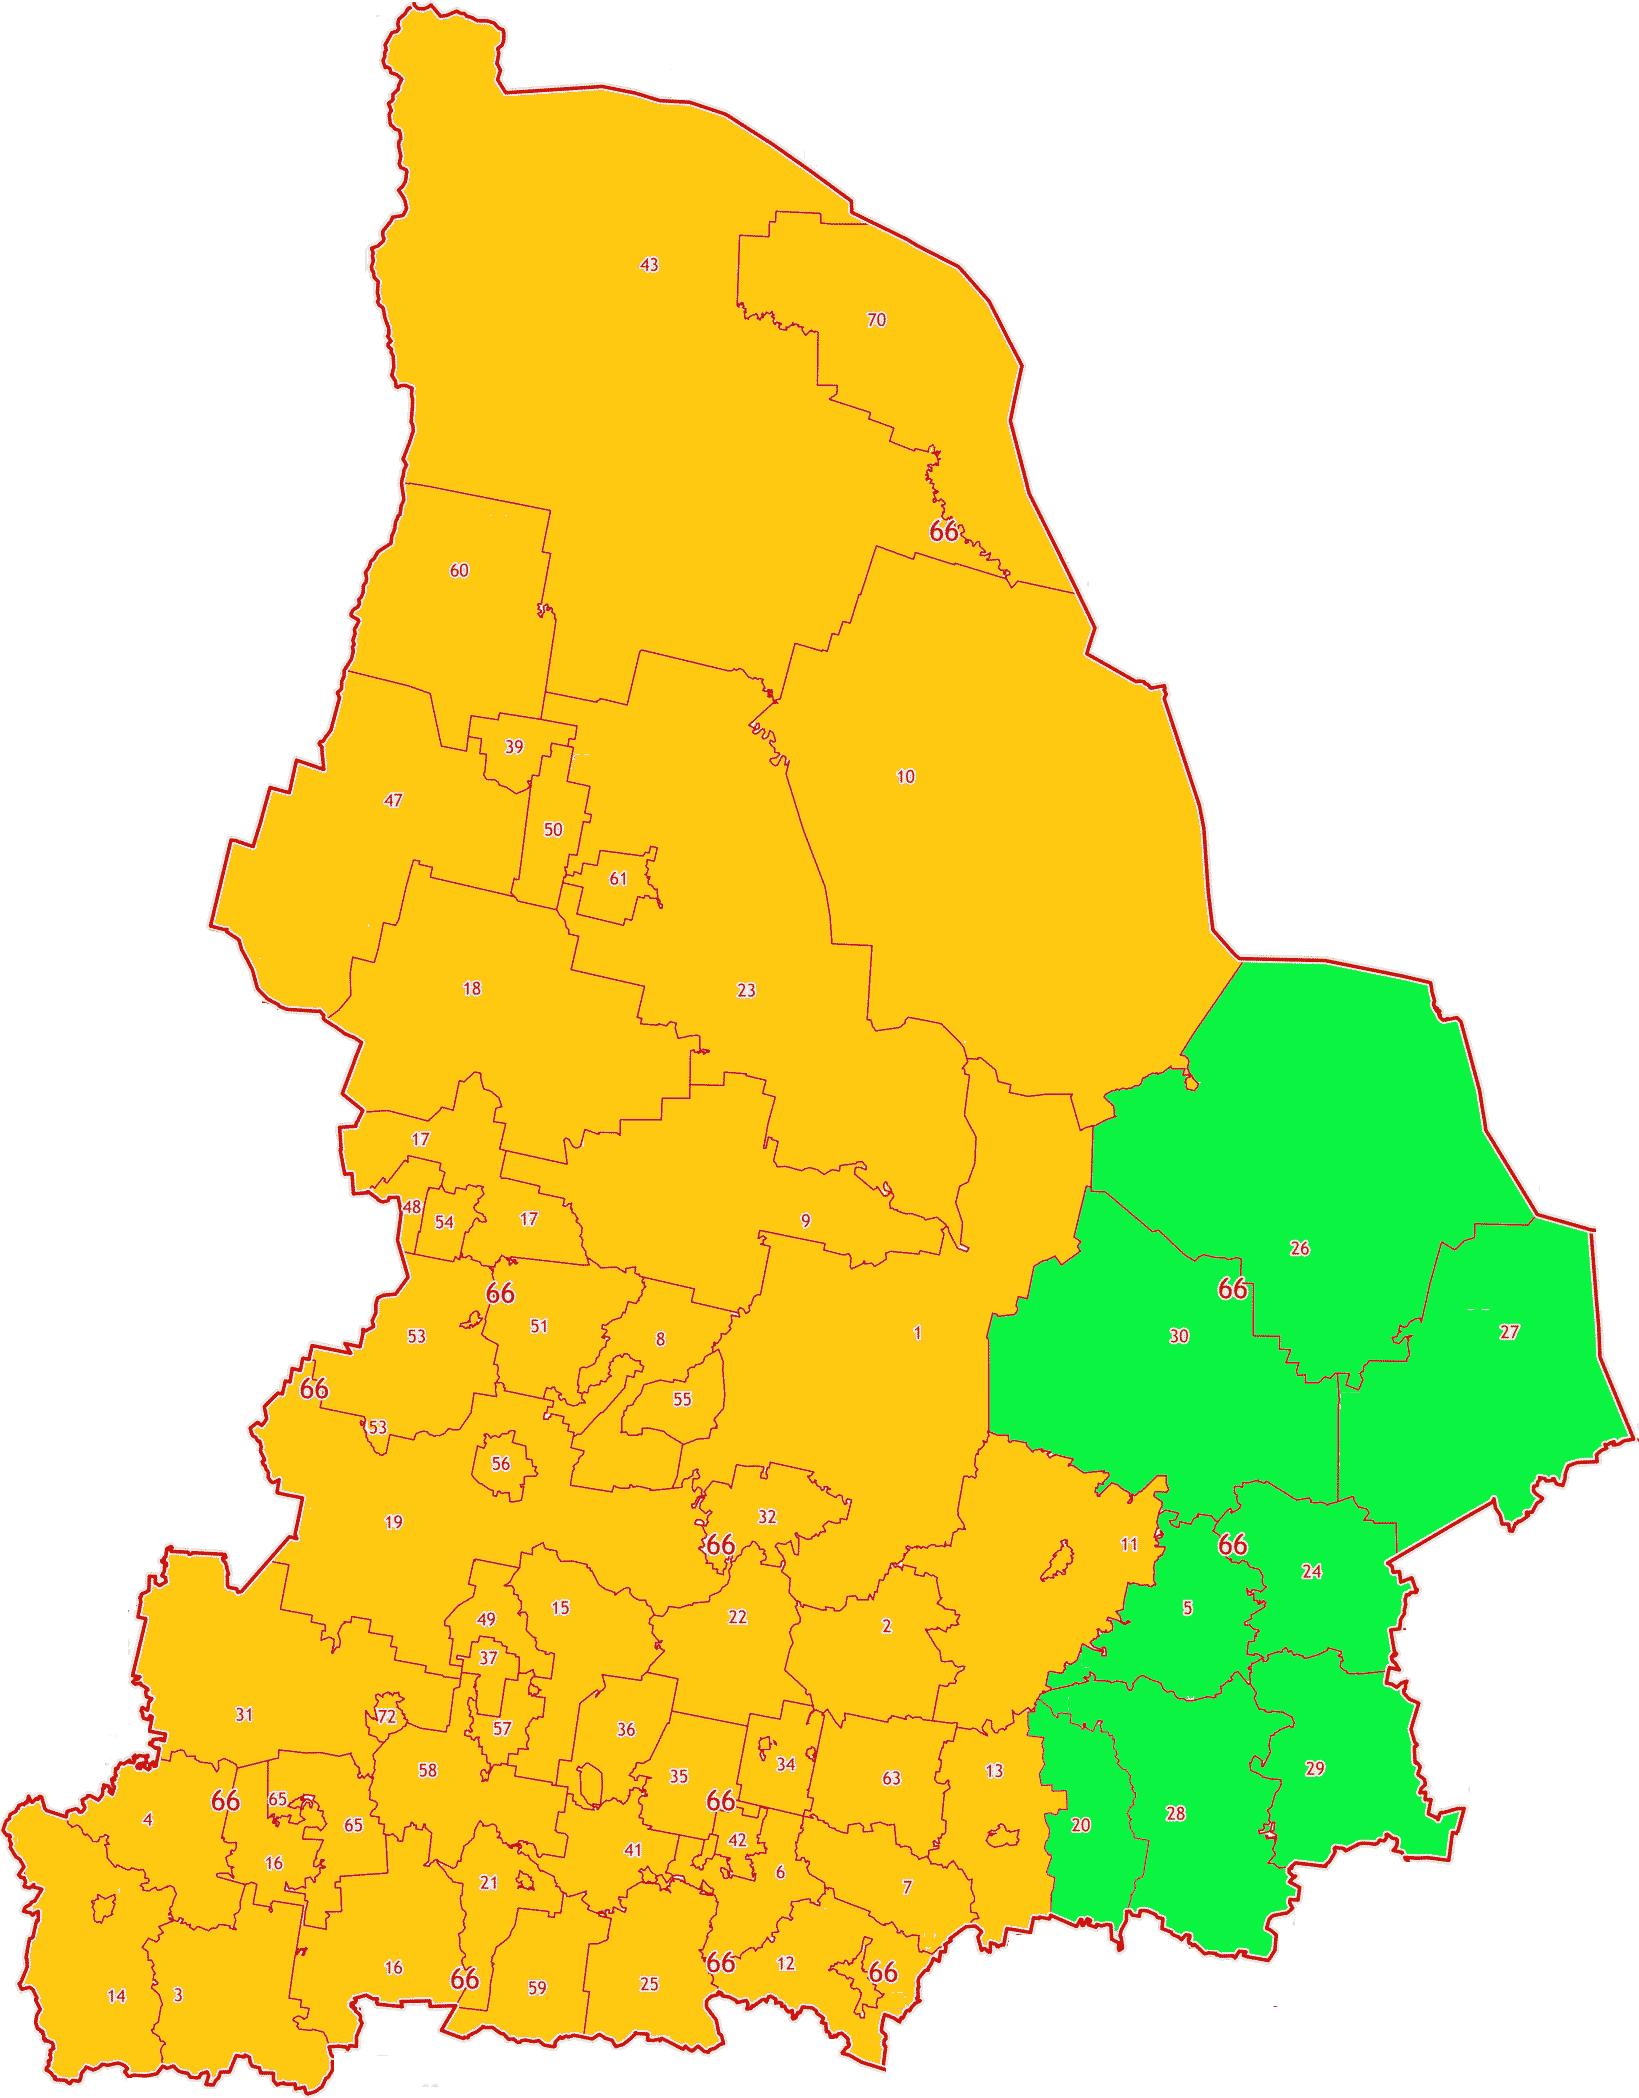 Карта зон МСК-66 Свердловской области